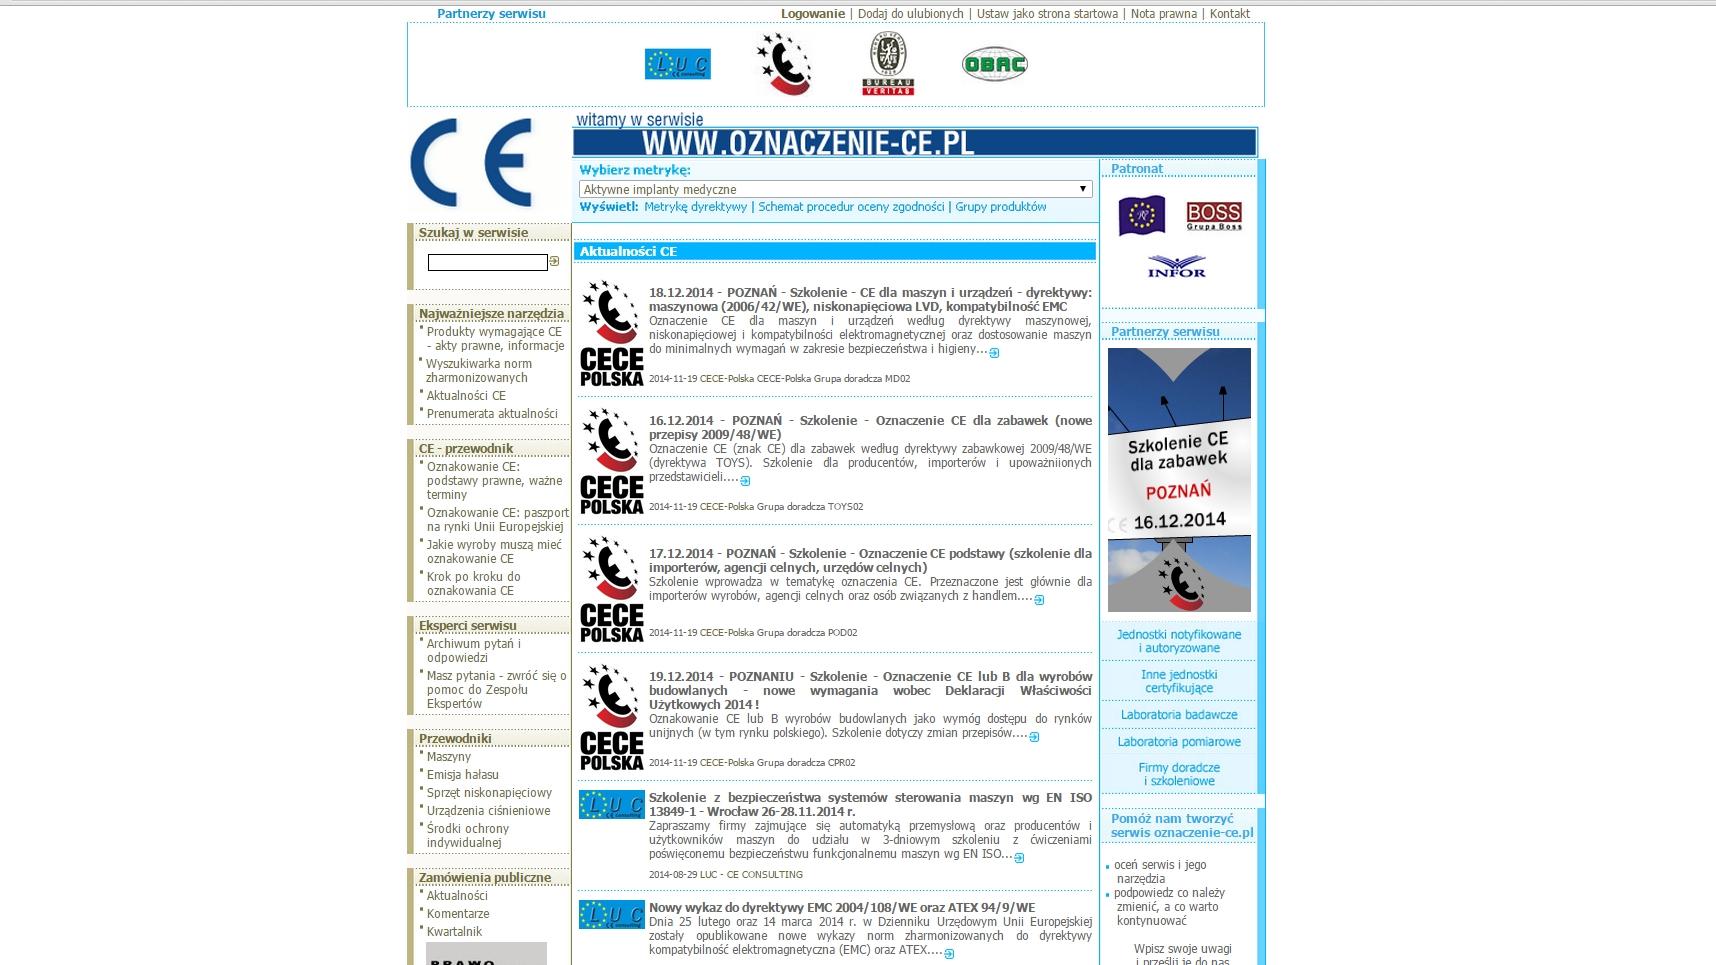 strona startowa www.oznaczenie-ce.pl